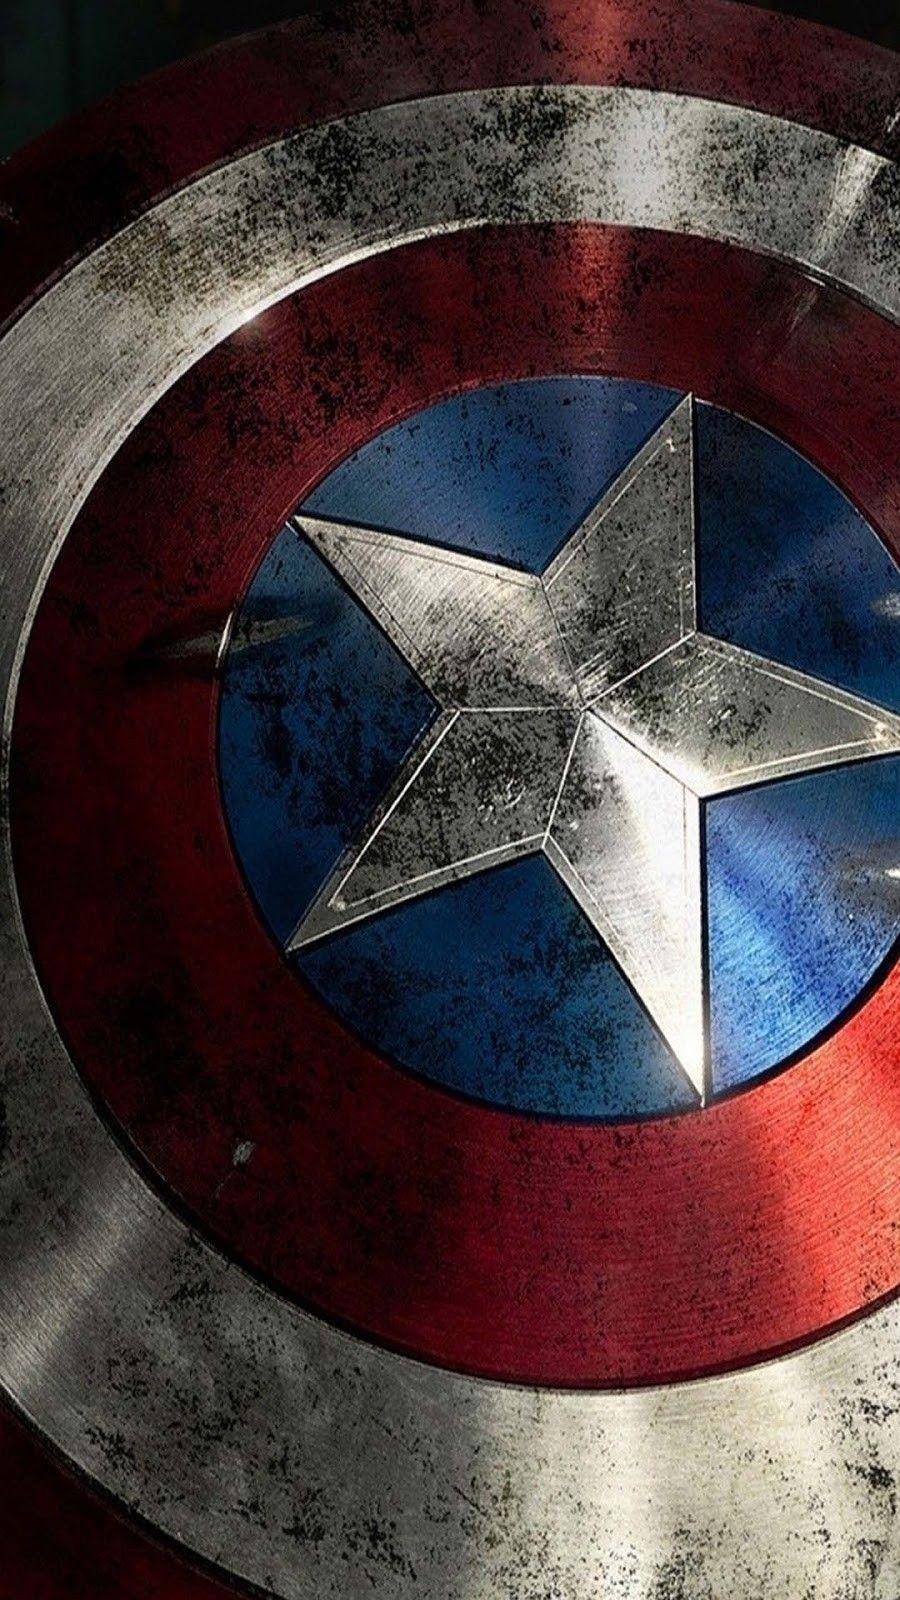 Pin by Lenkaa on Marvel Captain america wallpaper